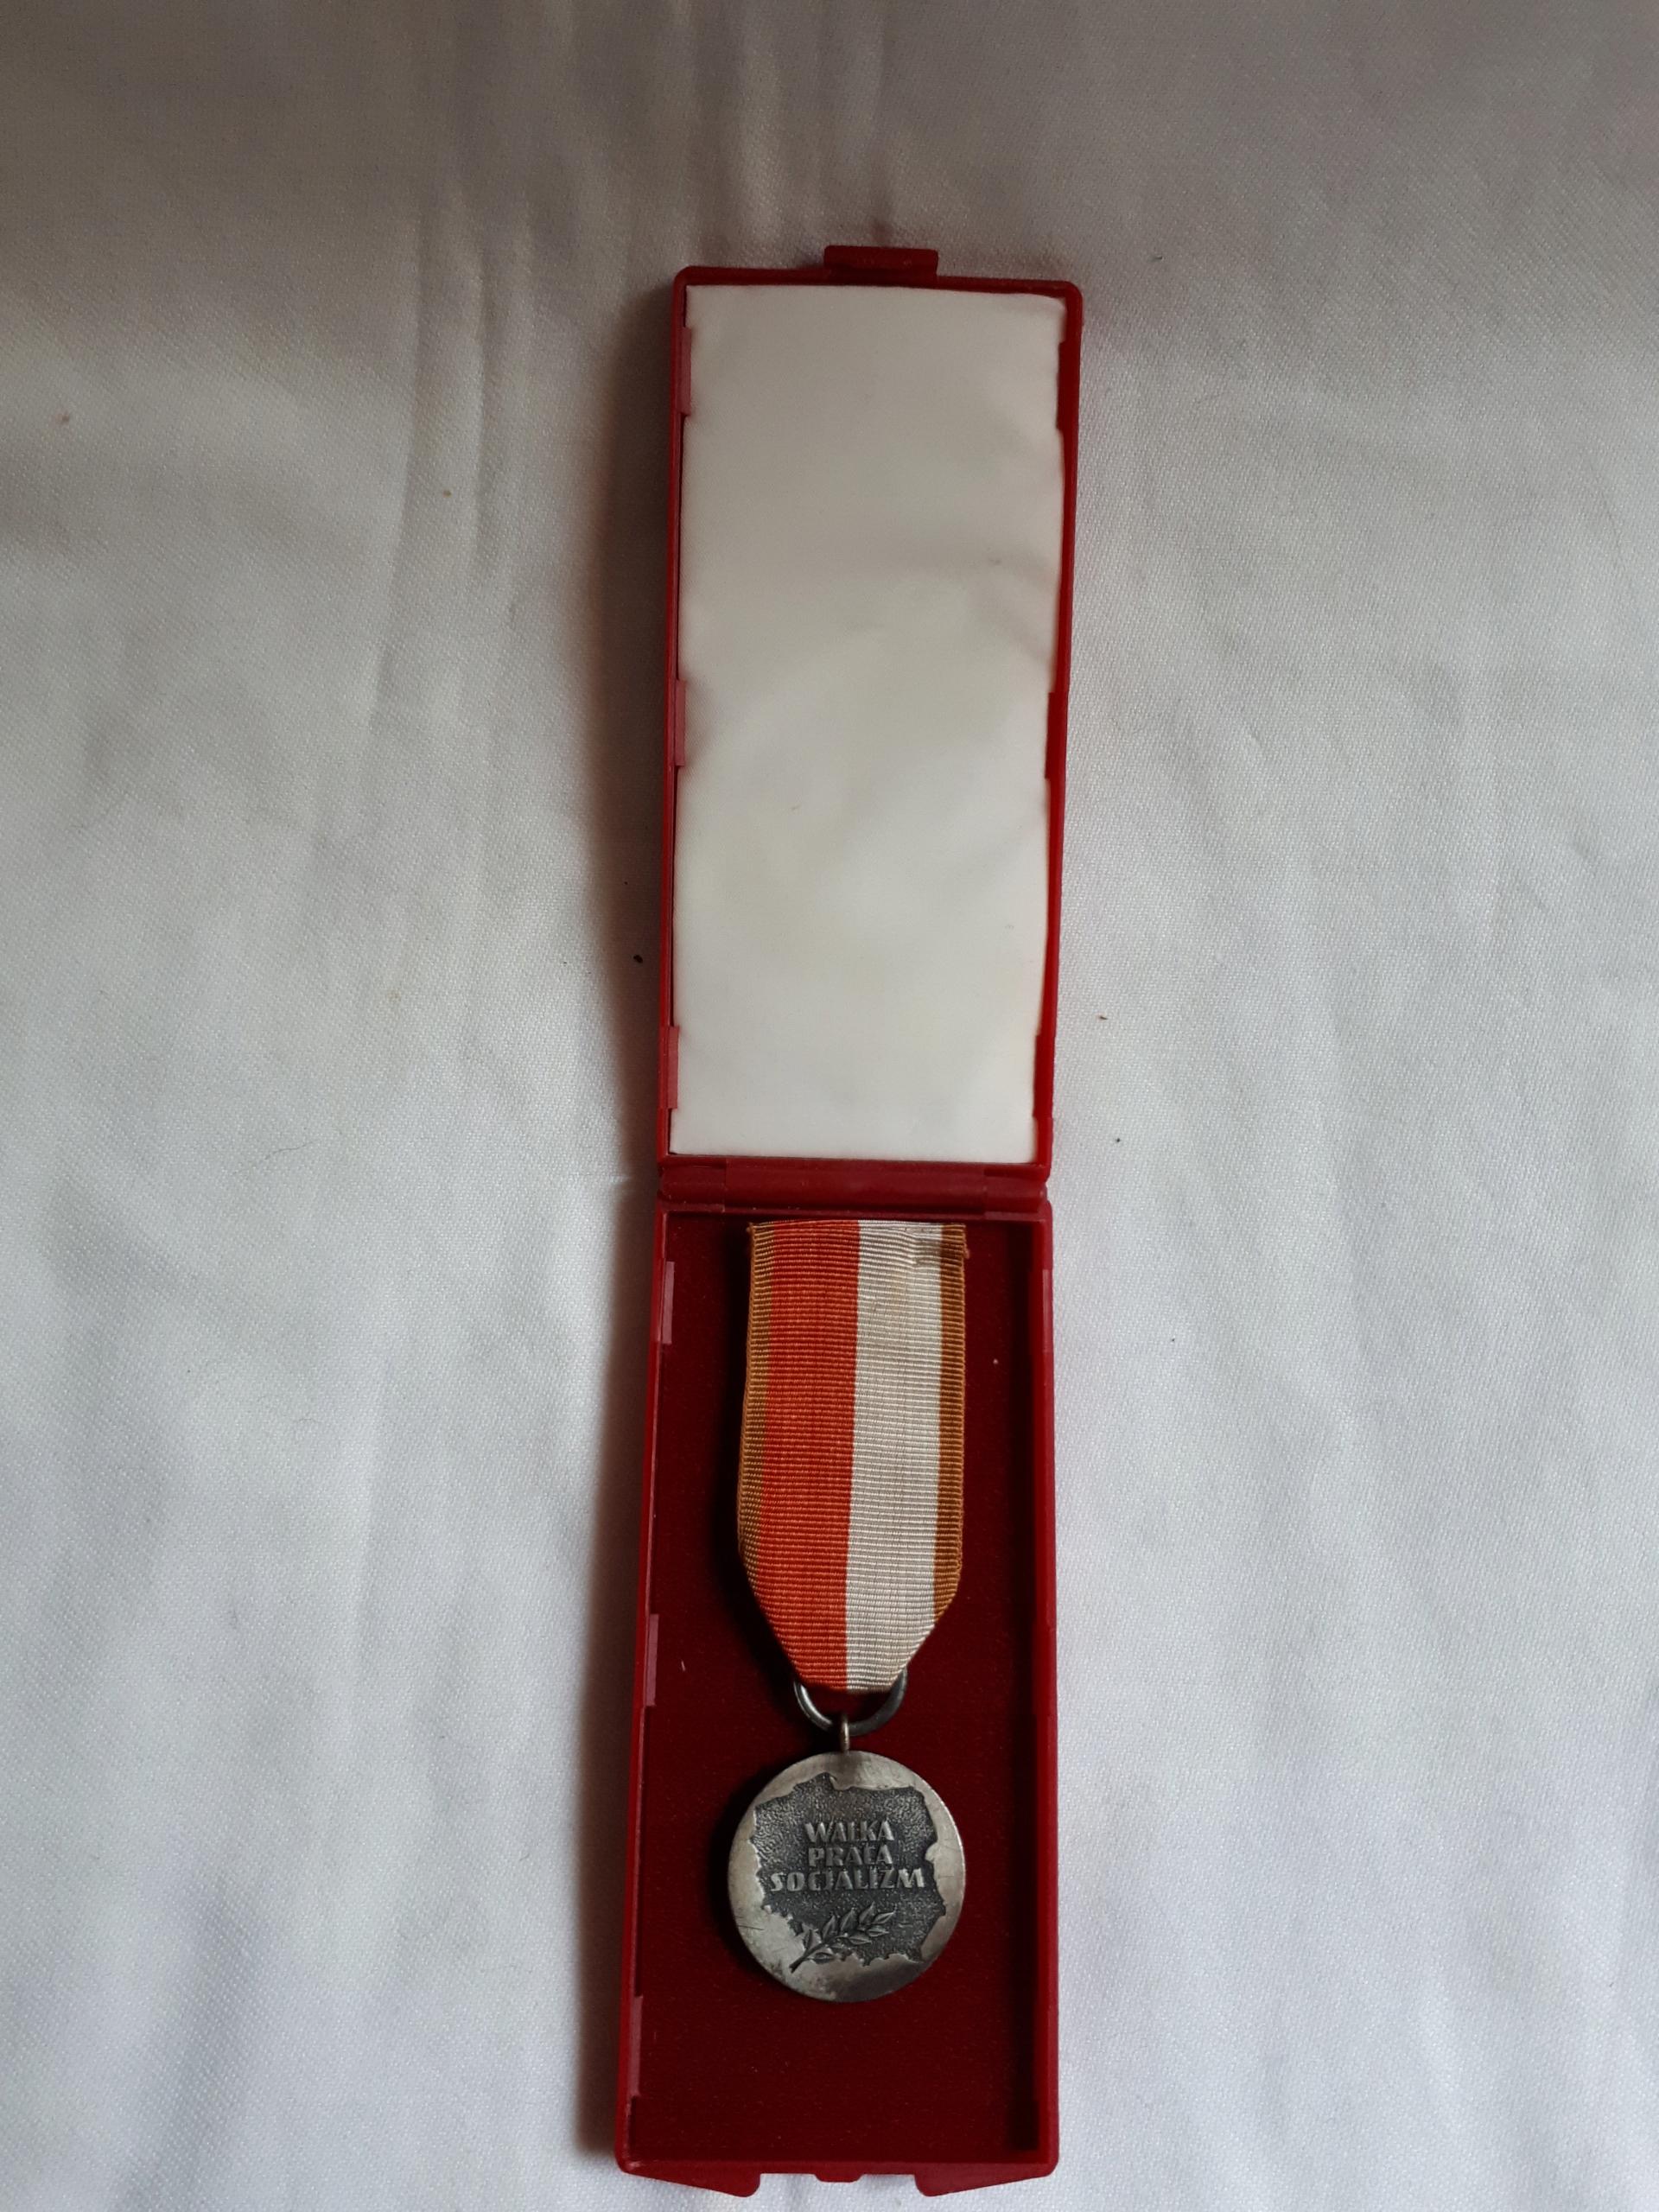 Medal Walka Praca Socjalizm PRL 1984 opakowanie